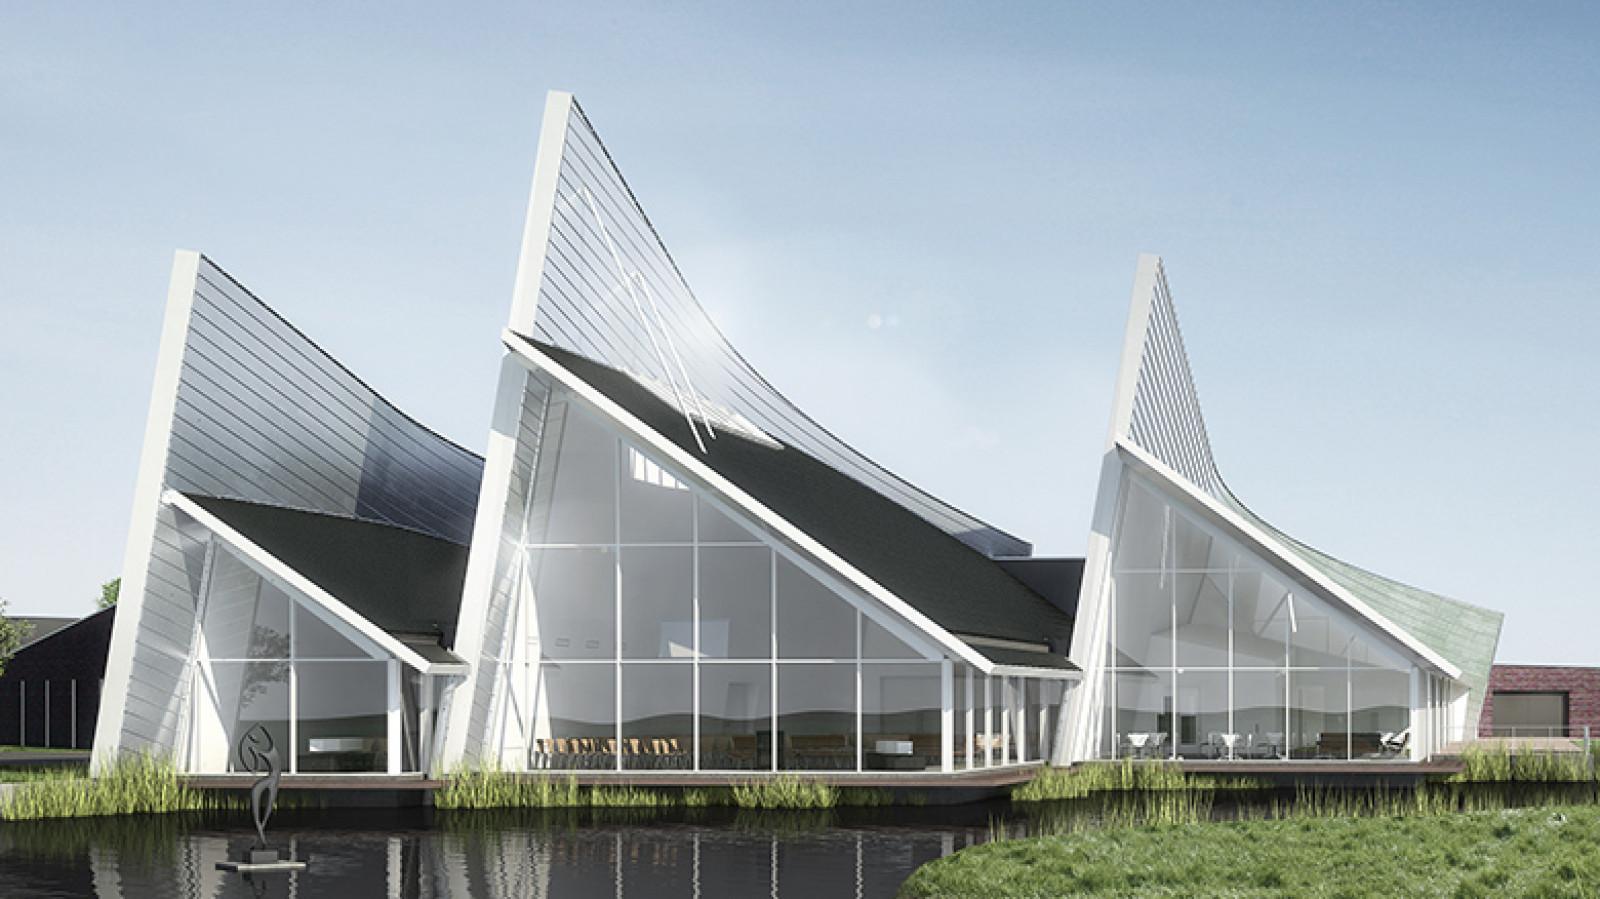 Rietvink architecten bna - zes x zes visuele communicatie